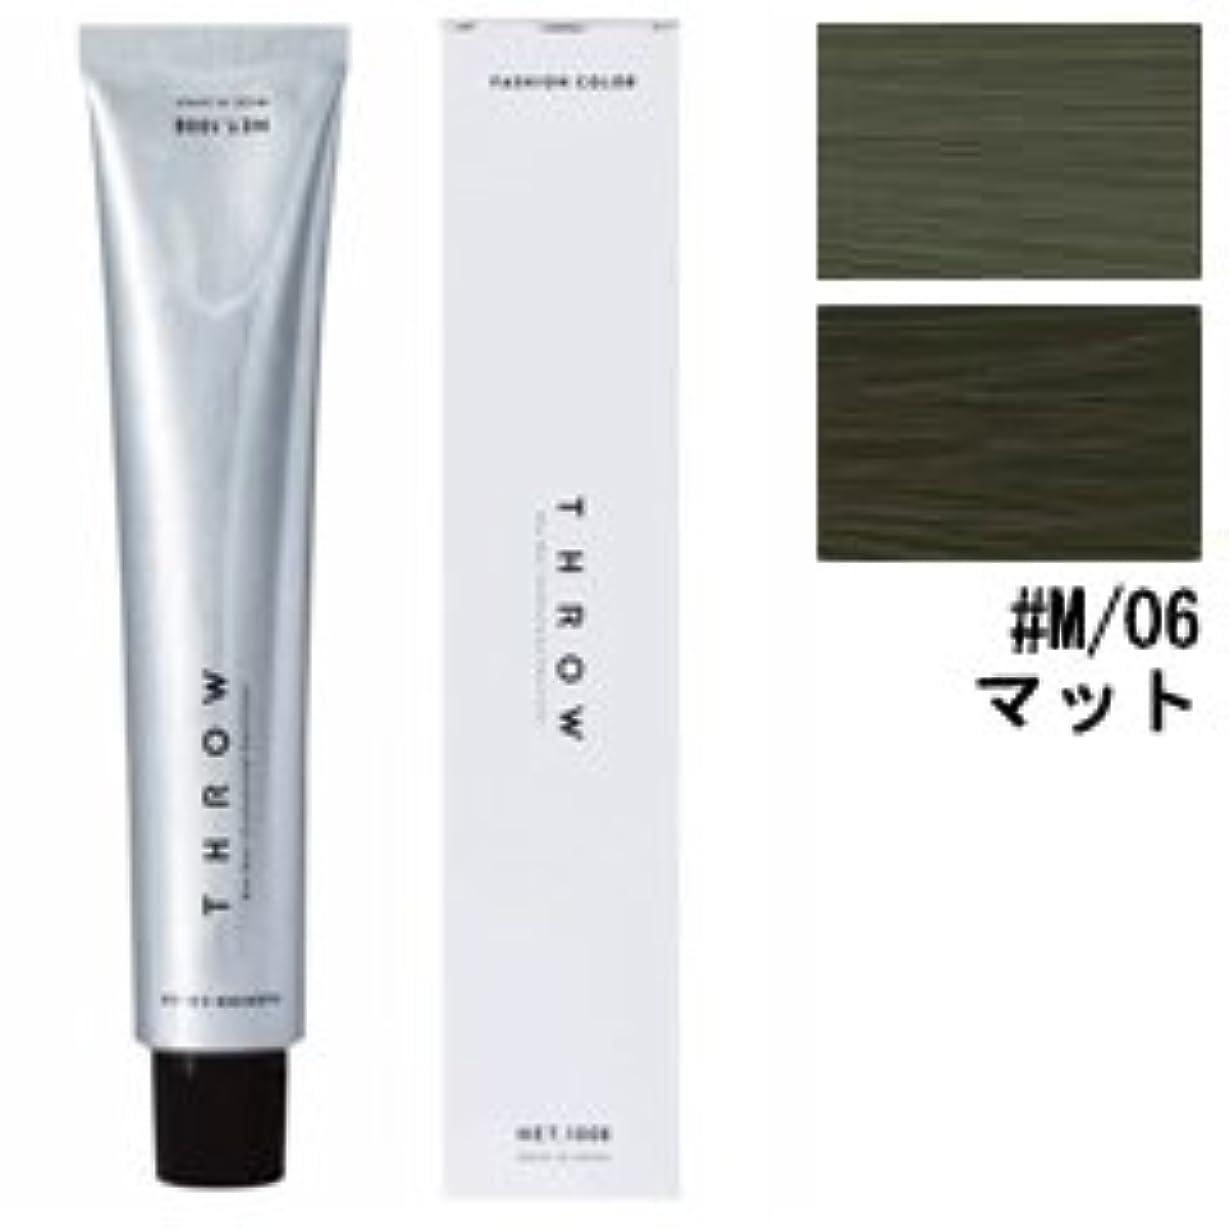 薬カジュアルテクニカル【モルトベーネ】スロウ ファッションカラー #M/06 マット 100g